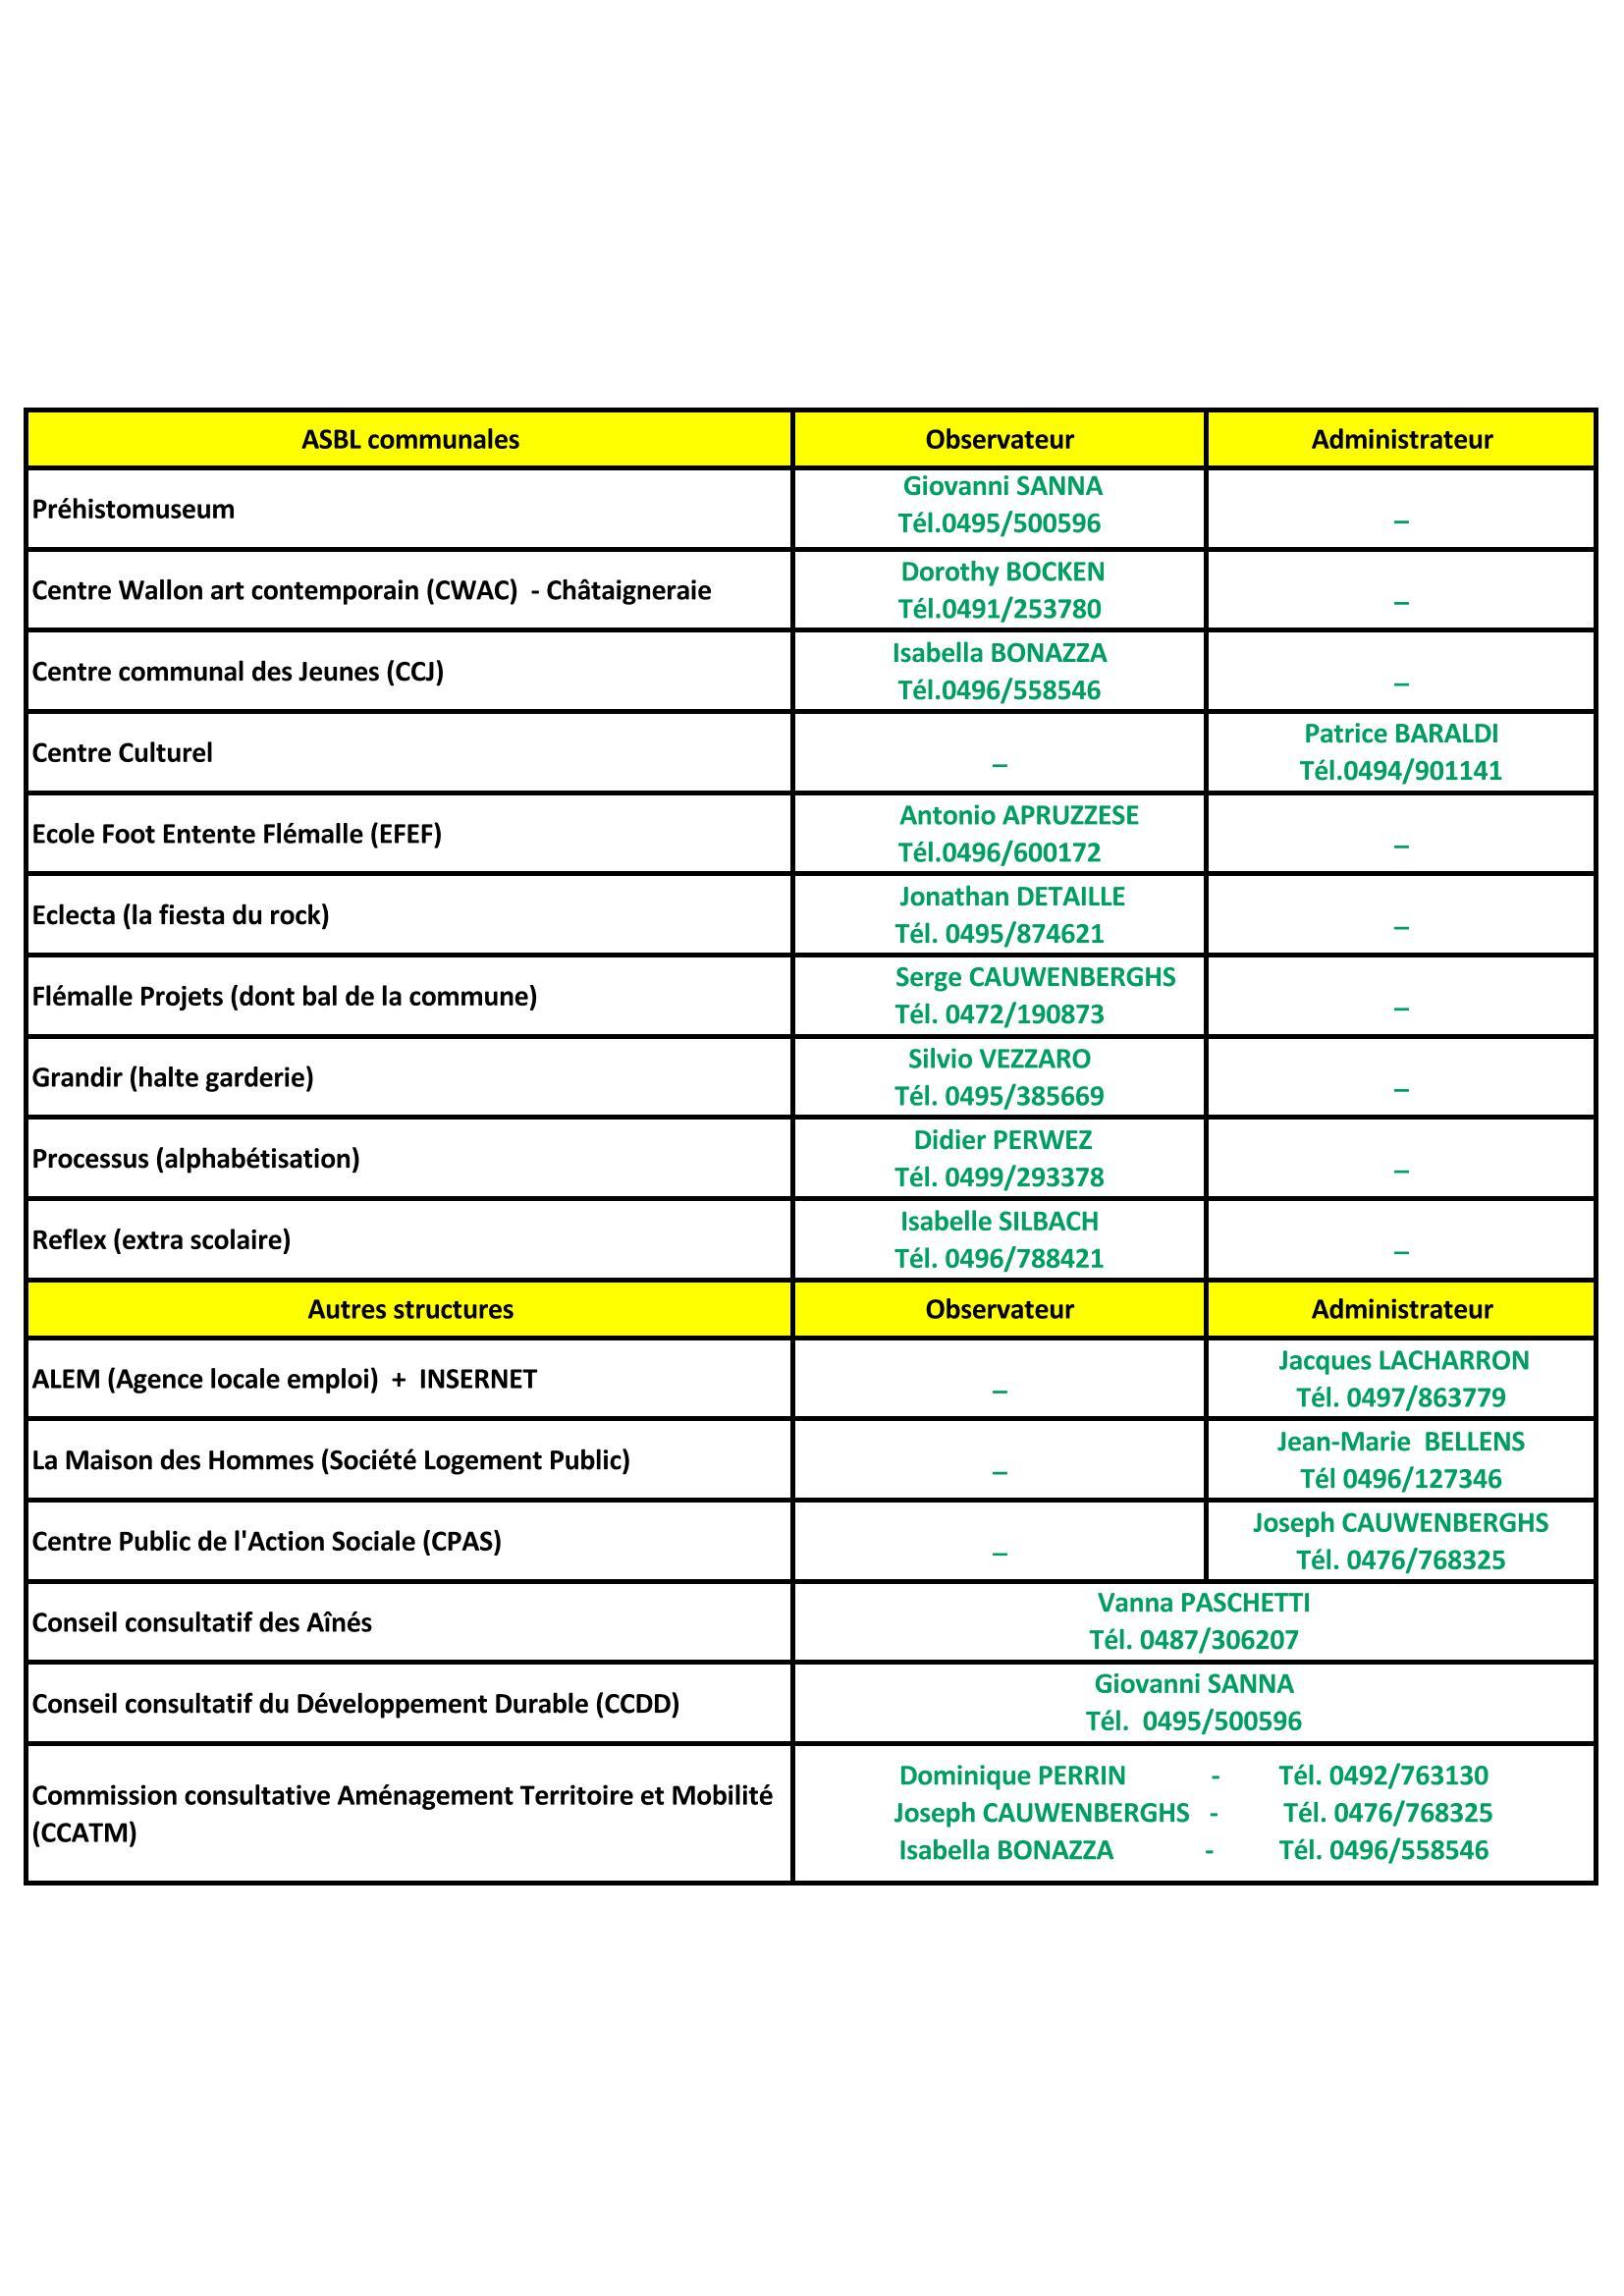 Désignation mandataires ASBL et autres structures communales (2018-2024)_Page_1